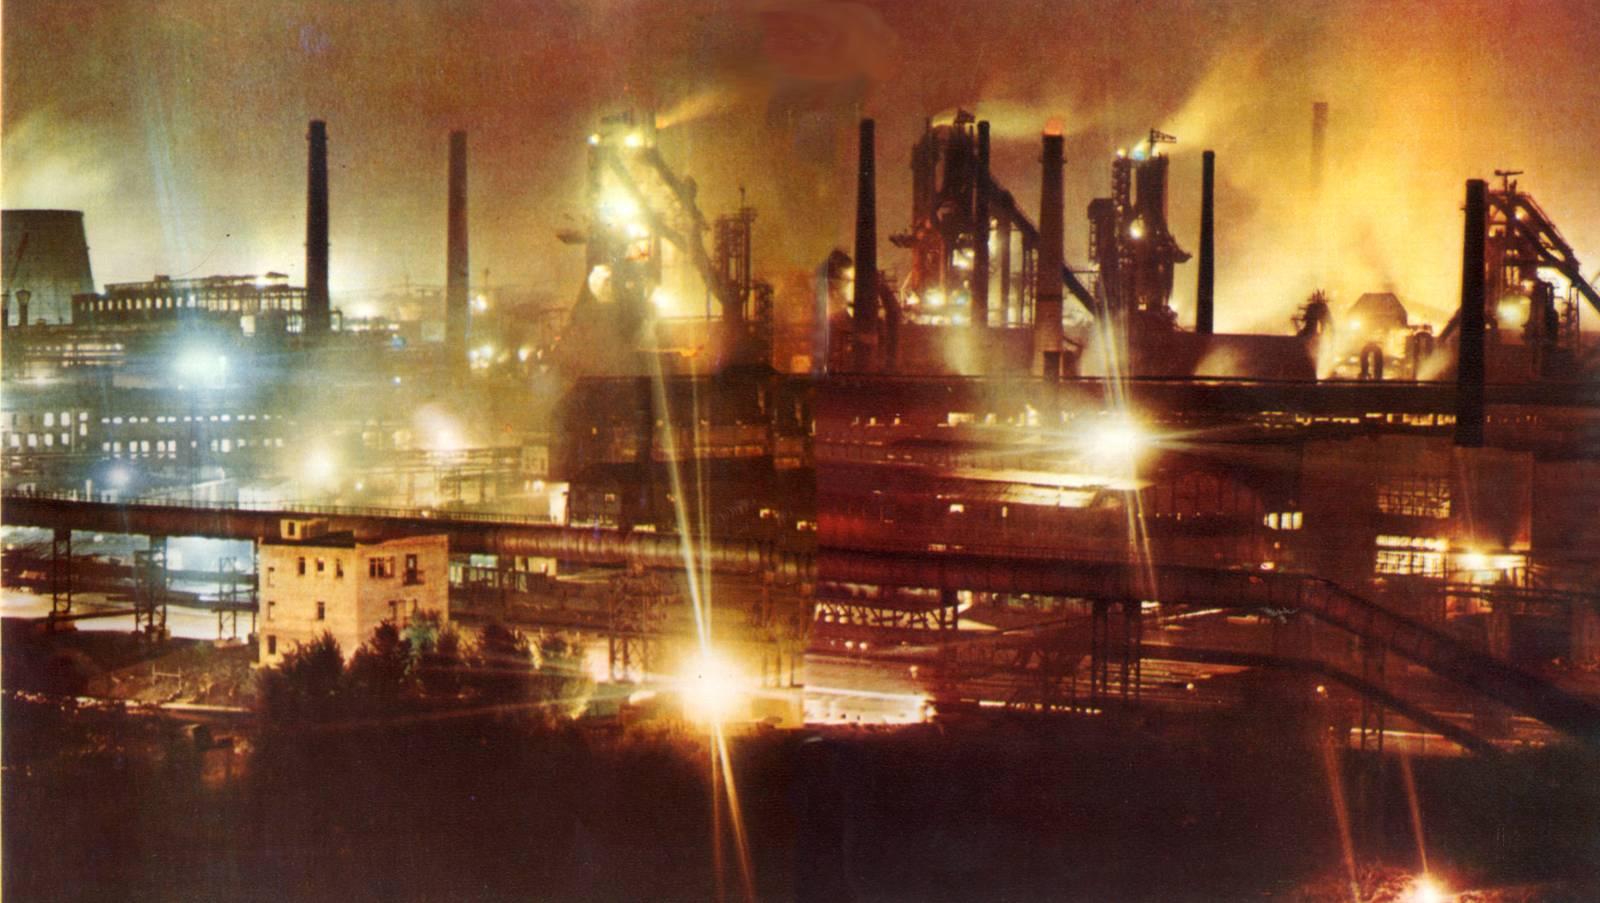 Один рабочий умер при взрыве плавильной печи на«Ашинском металлургическом заводе»